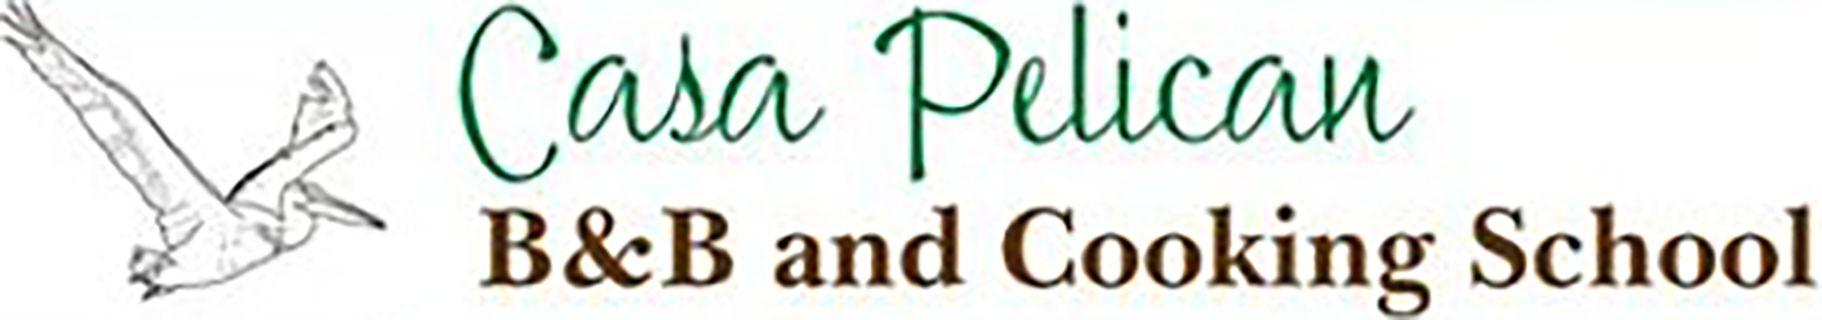 Casa Pelican Cooking School